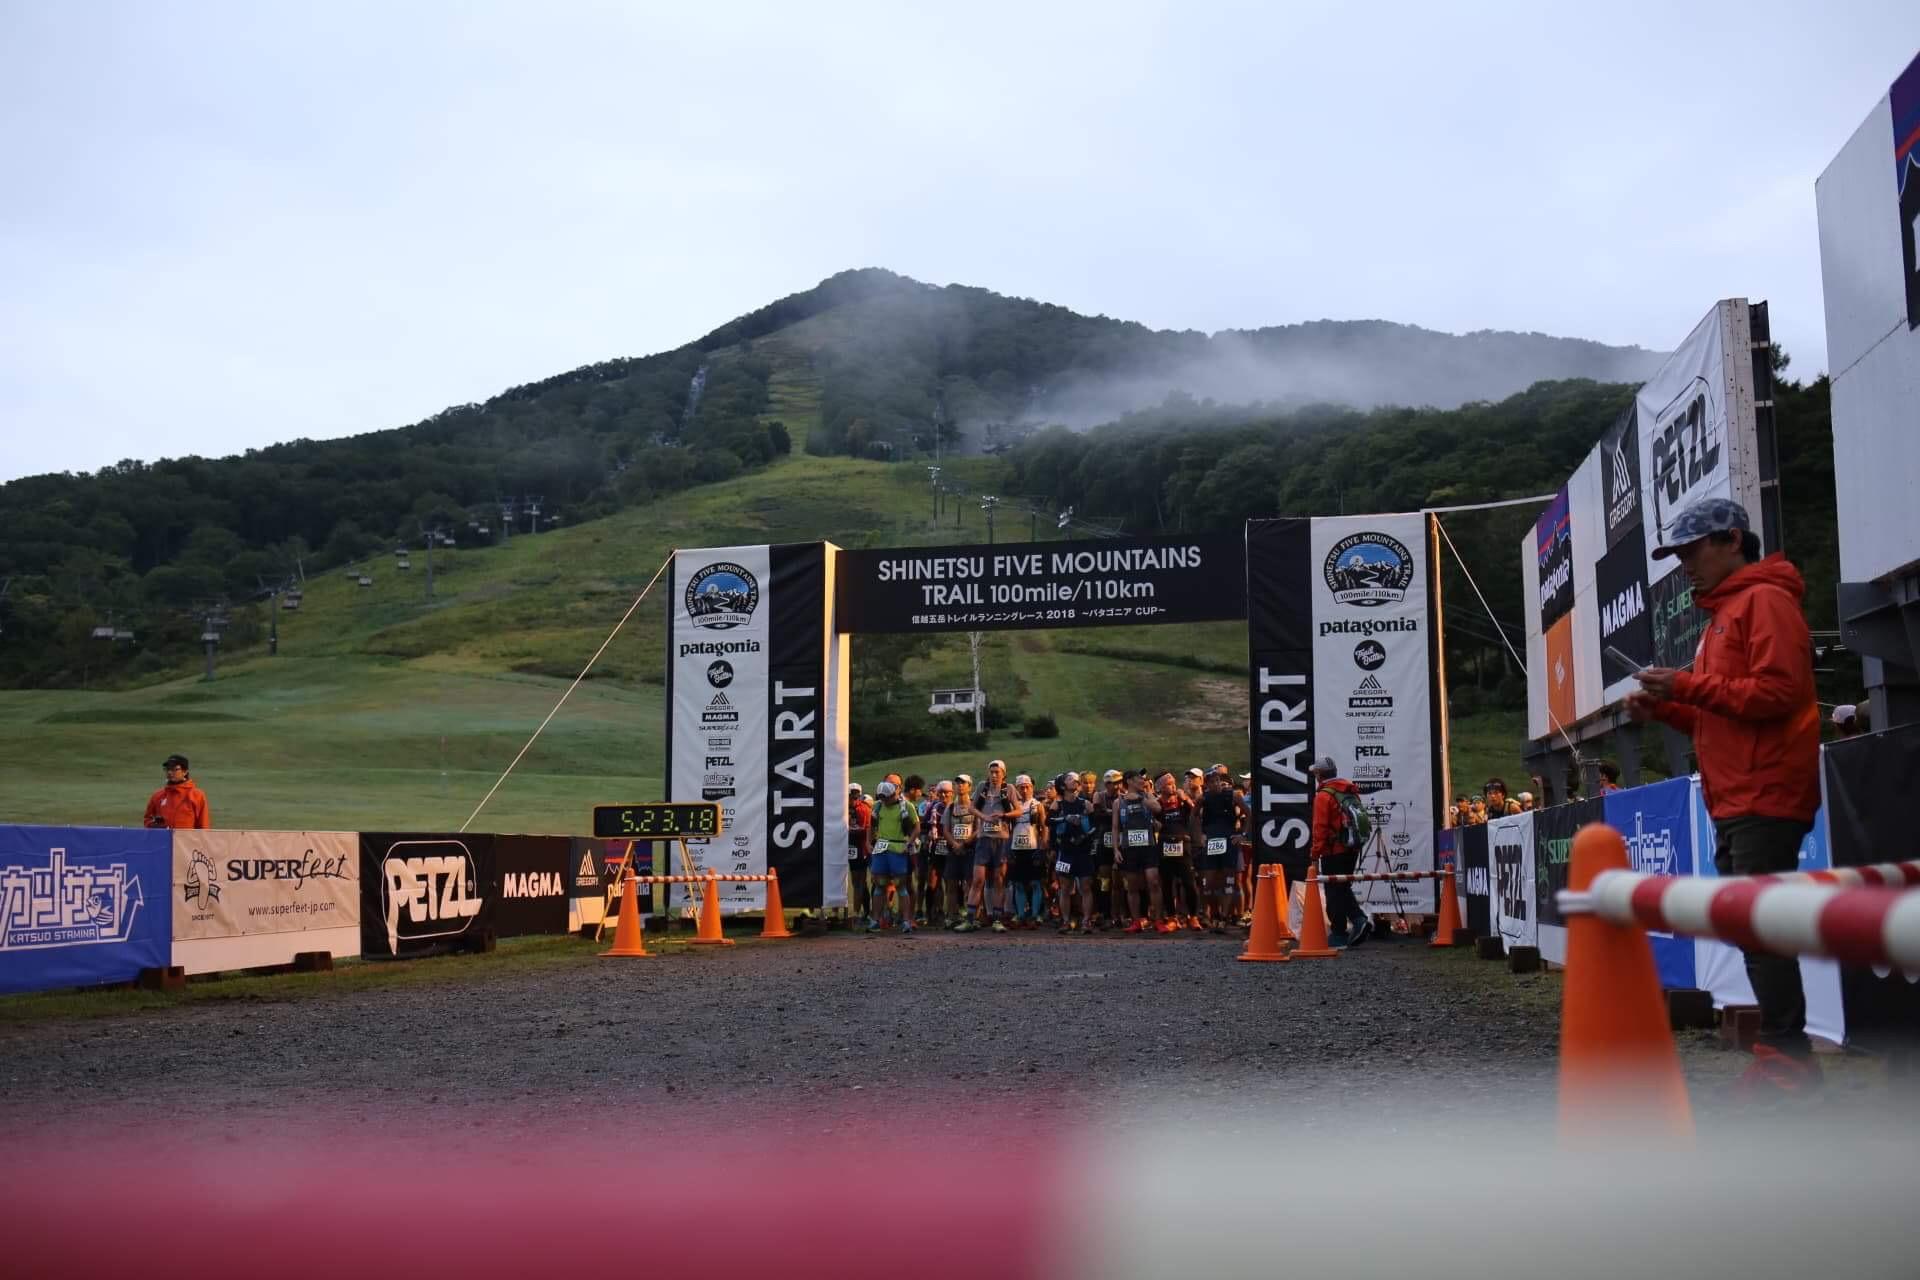 【レースレビュー】信越五岳トレイルランニングレース2018 110km  – 1